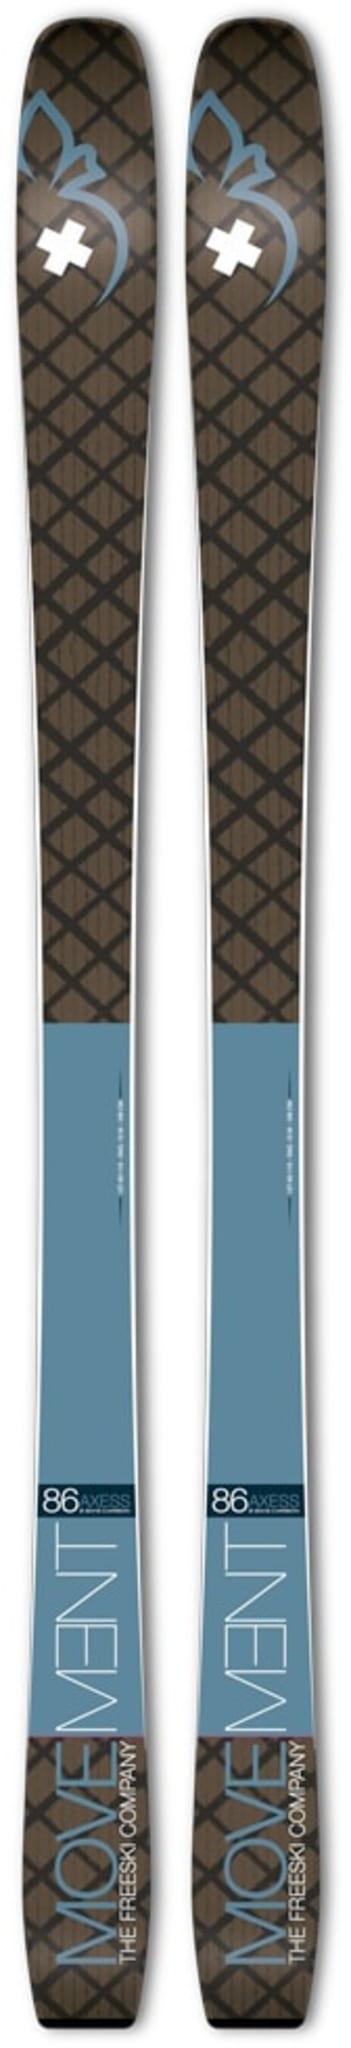 AXESS 86 & Fritschi Xenit 10